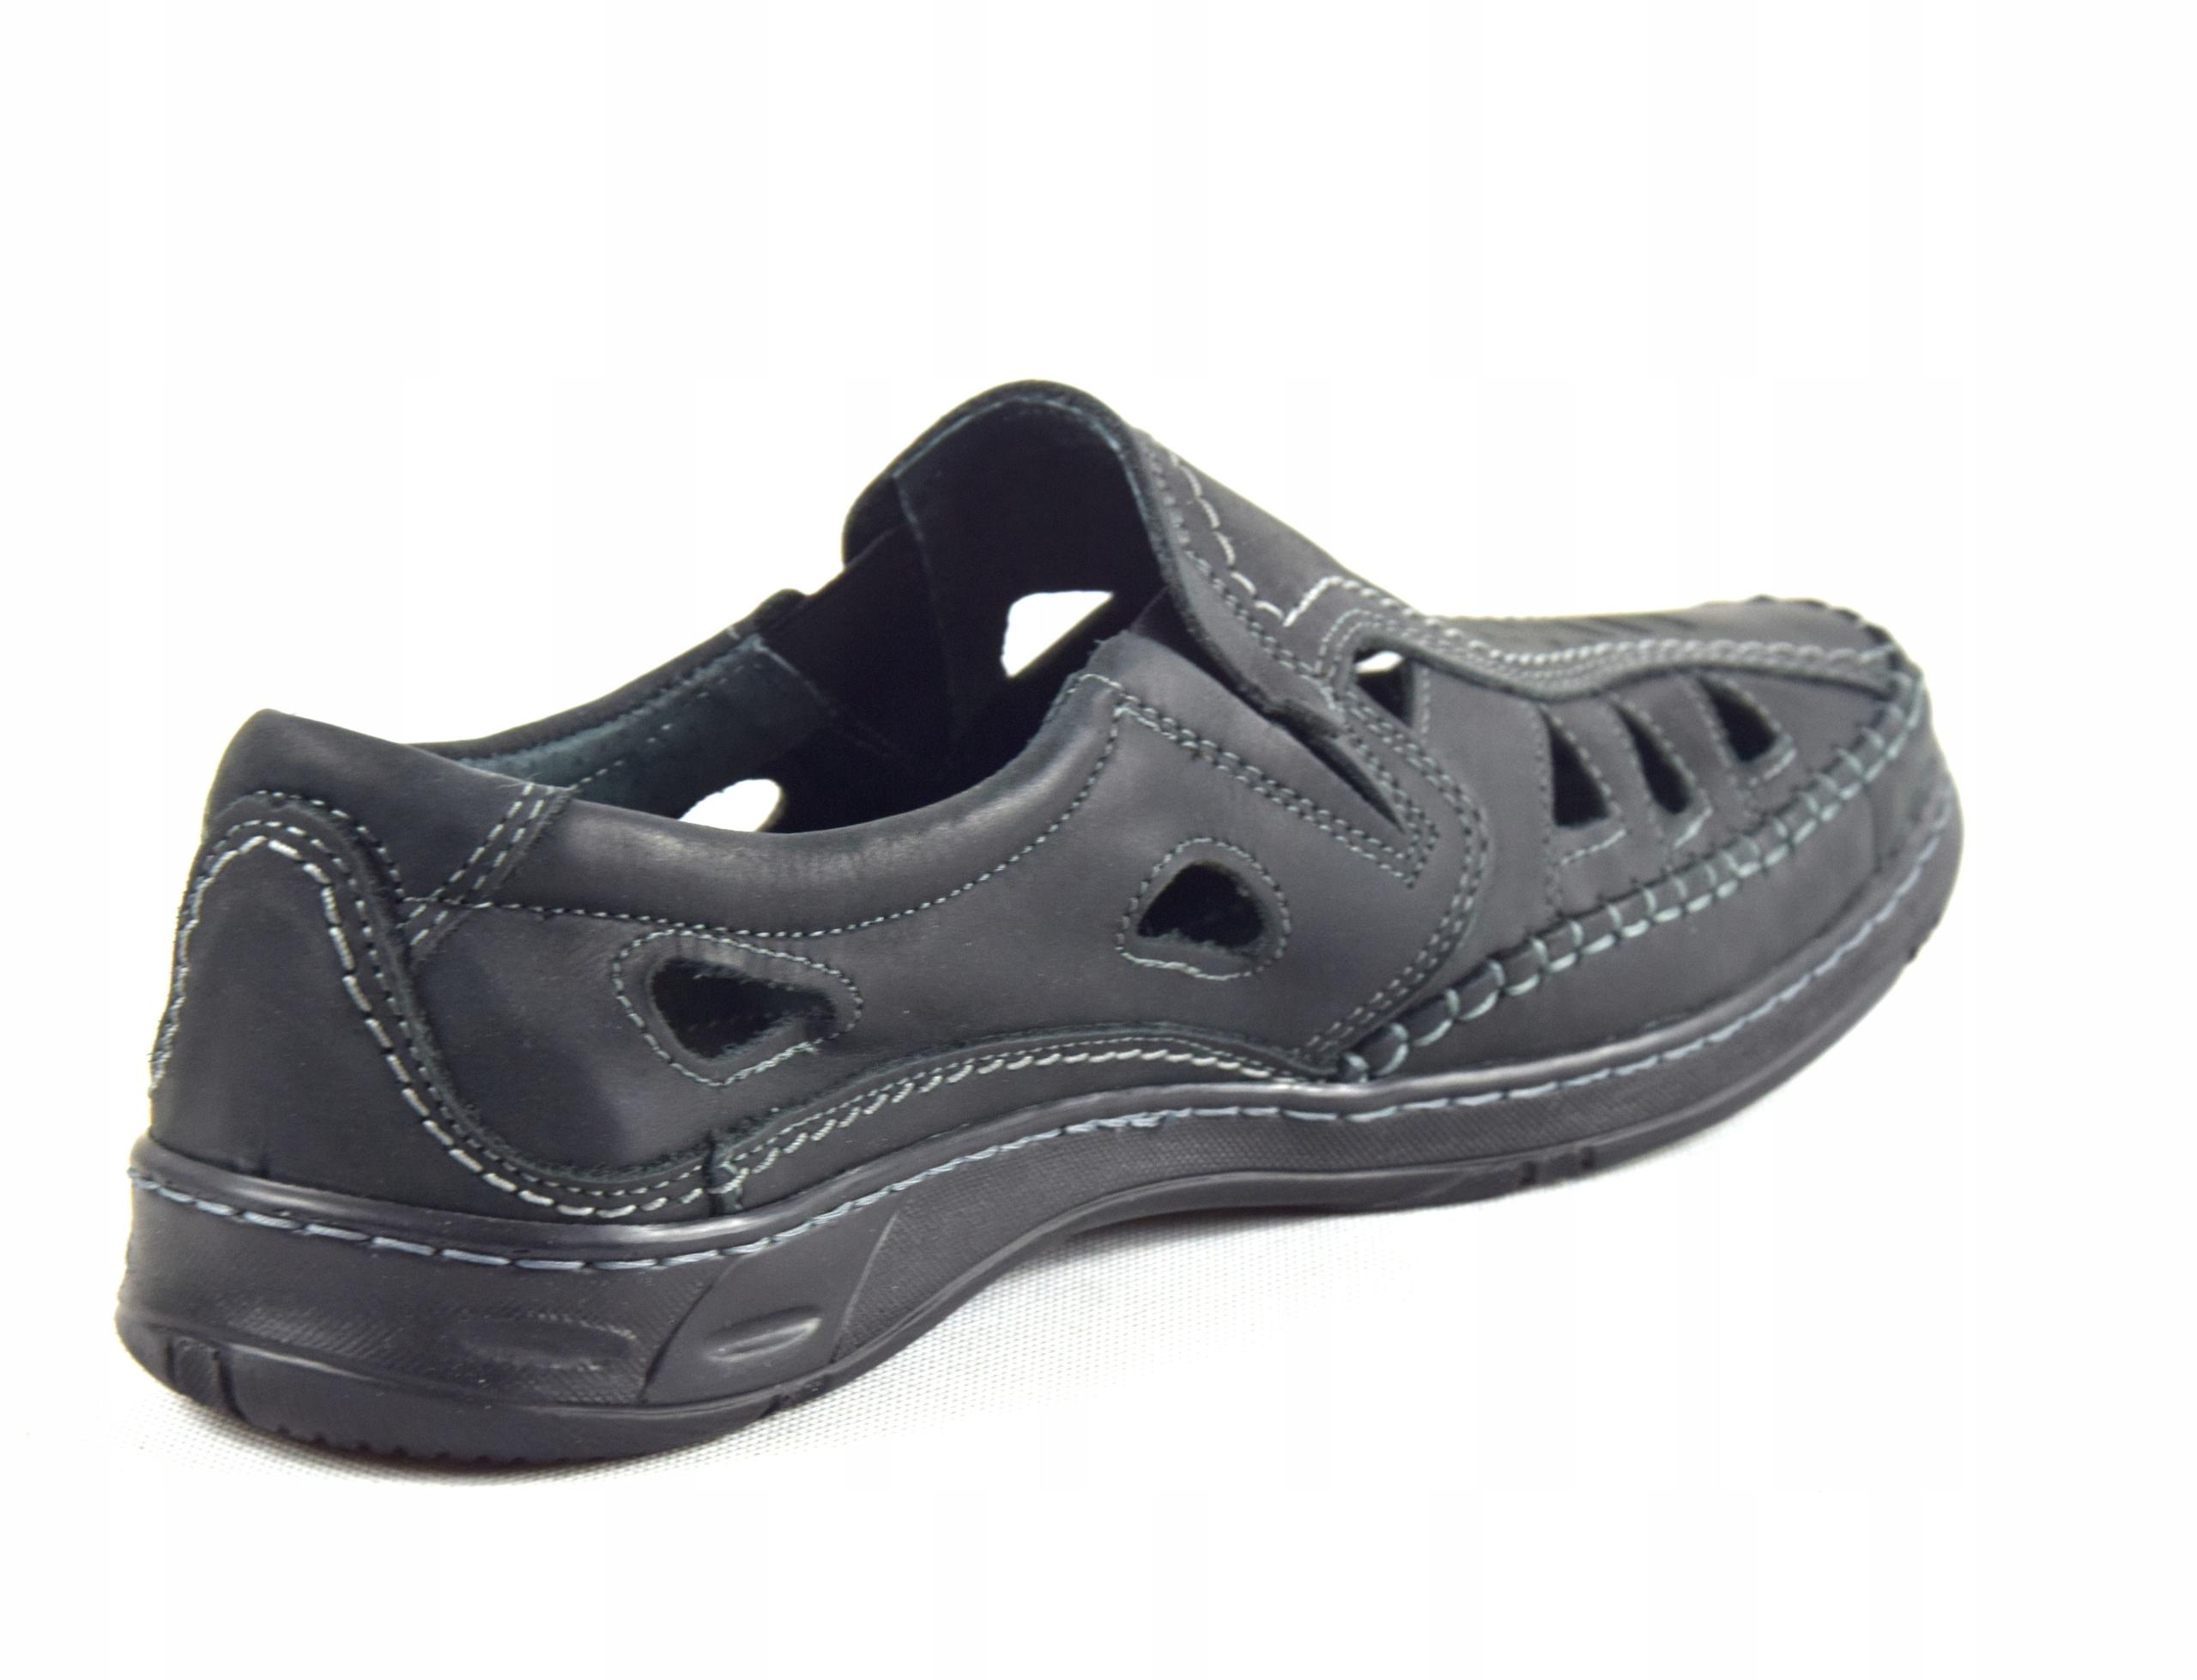 Męskie buty skórzane polskie mokasyny skóra 0270CC Długość wkładki 26.5 cm